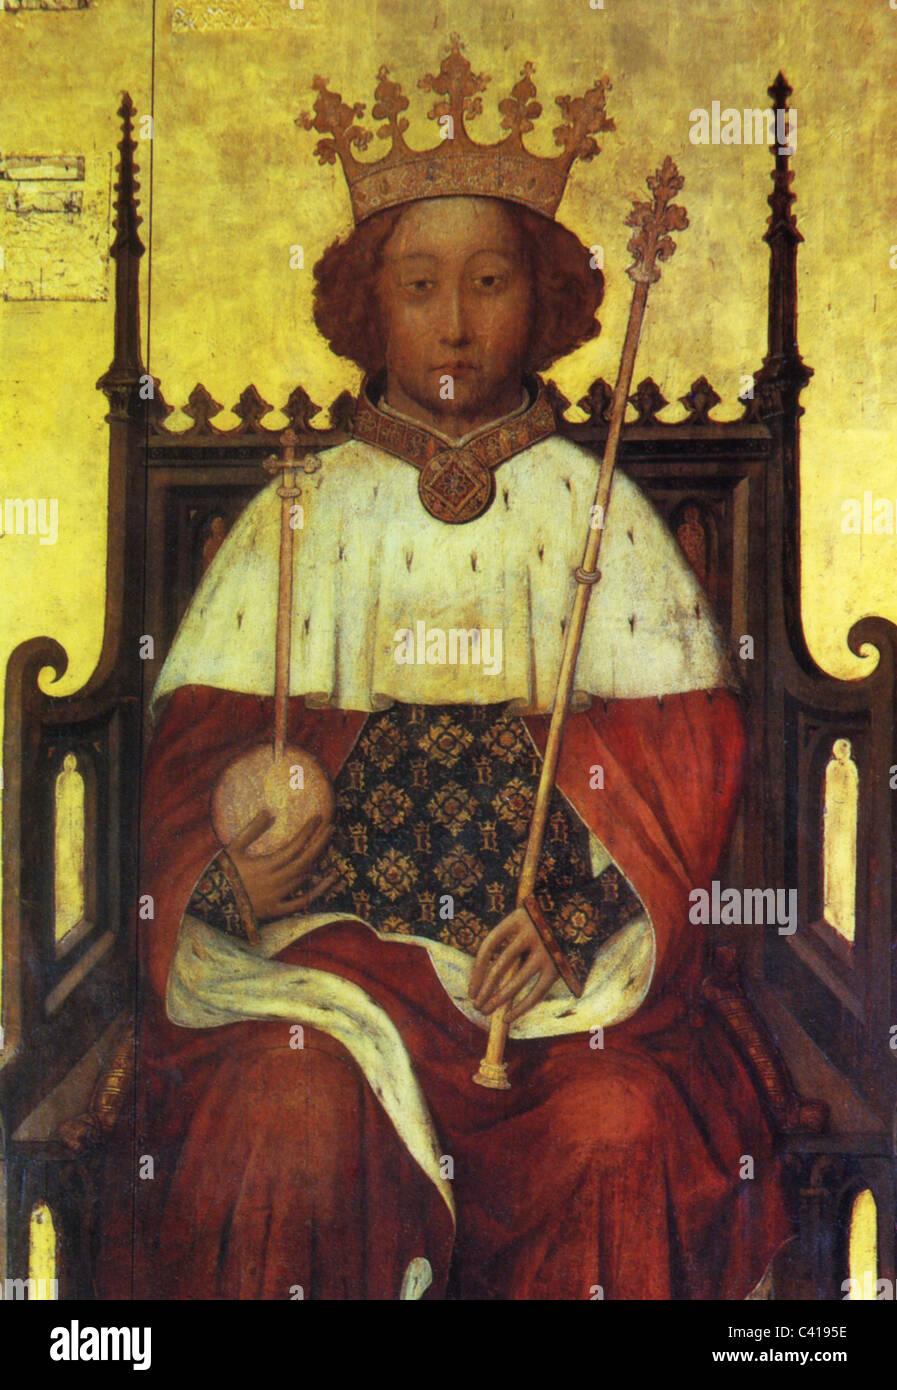 Richard II, 6.1.1367 - 14.2.1400, Rey de Inglaterra 16.7.1367 - 29.9.1399, la mitad de longitud, sobre el trono, Imagen De Stock